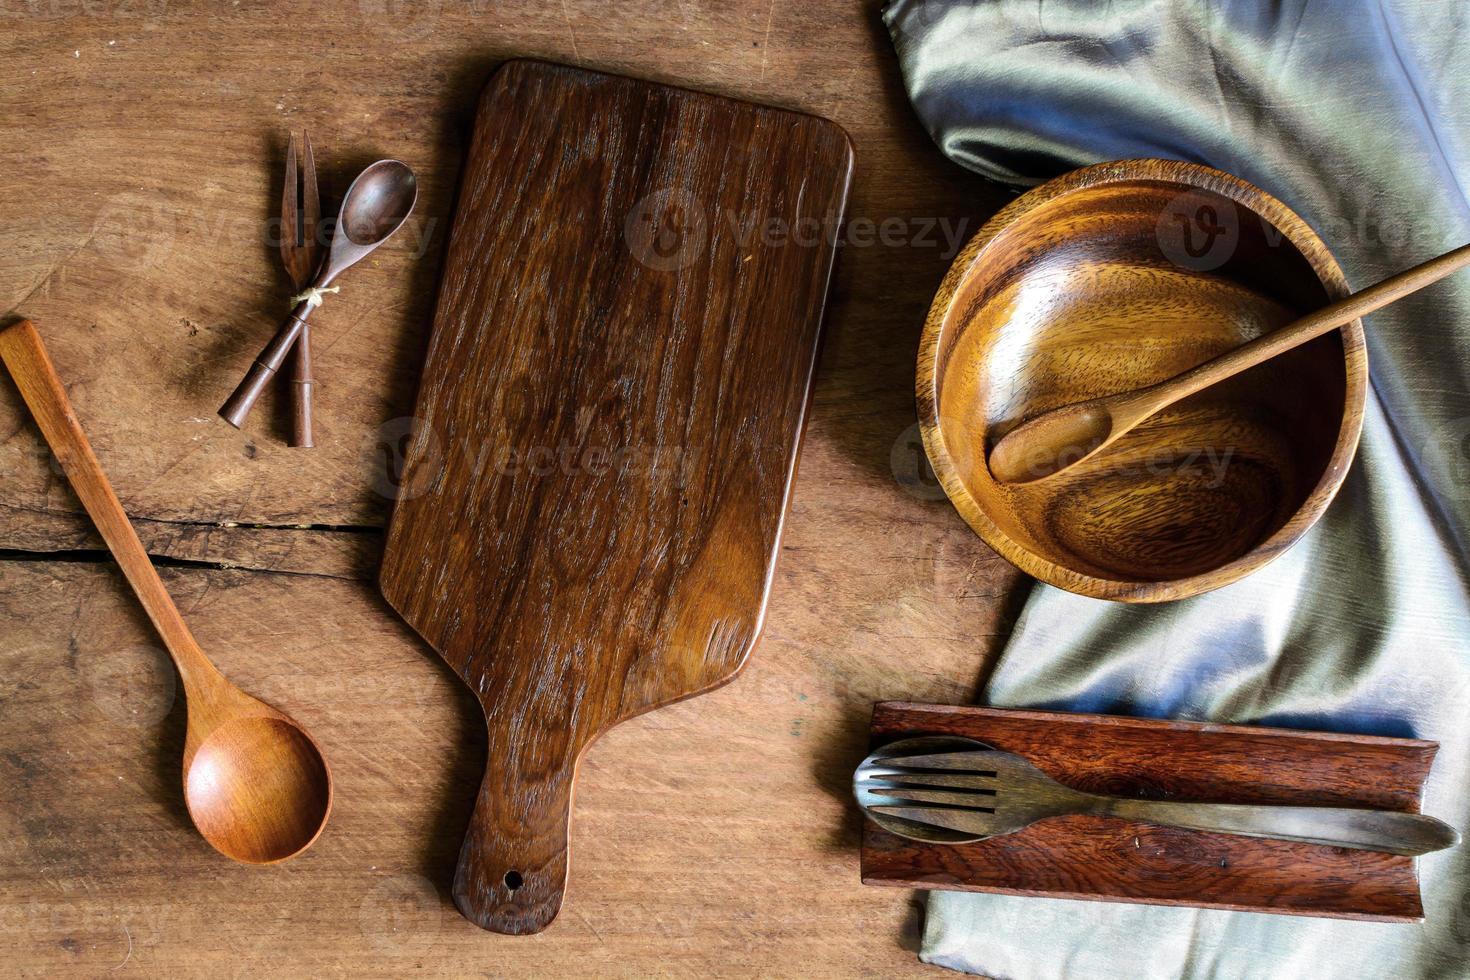 Holzutensilien in der Küche auf altem hölzernen Hintergrund foto